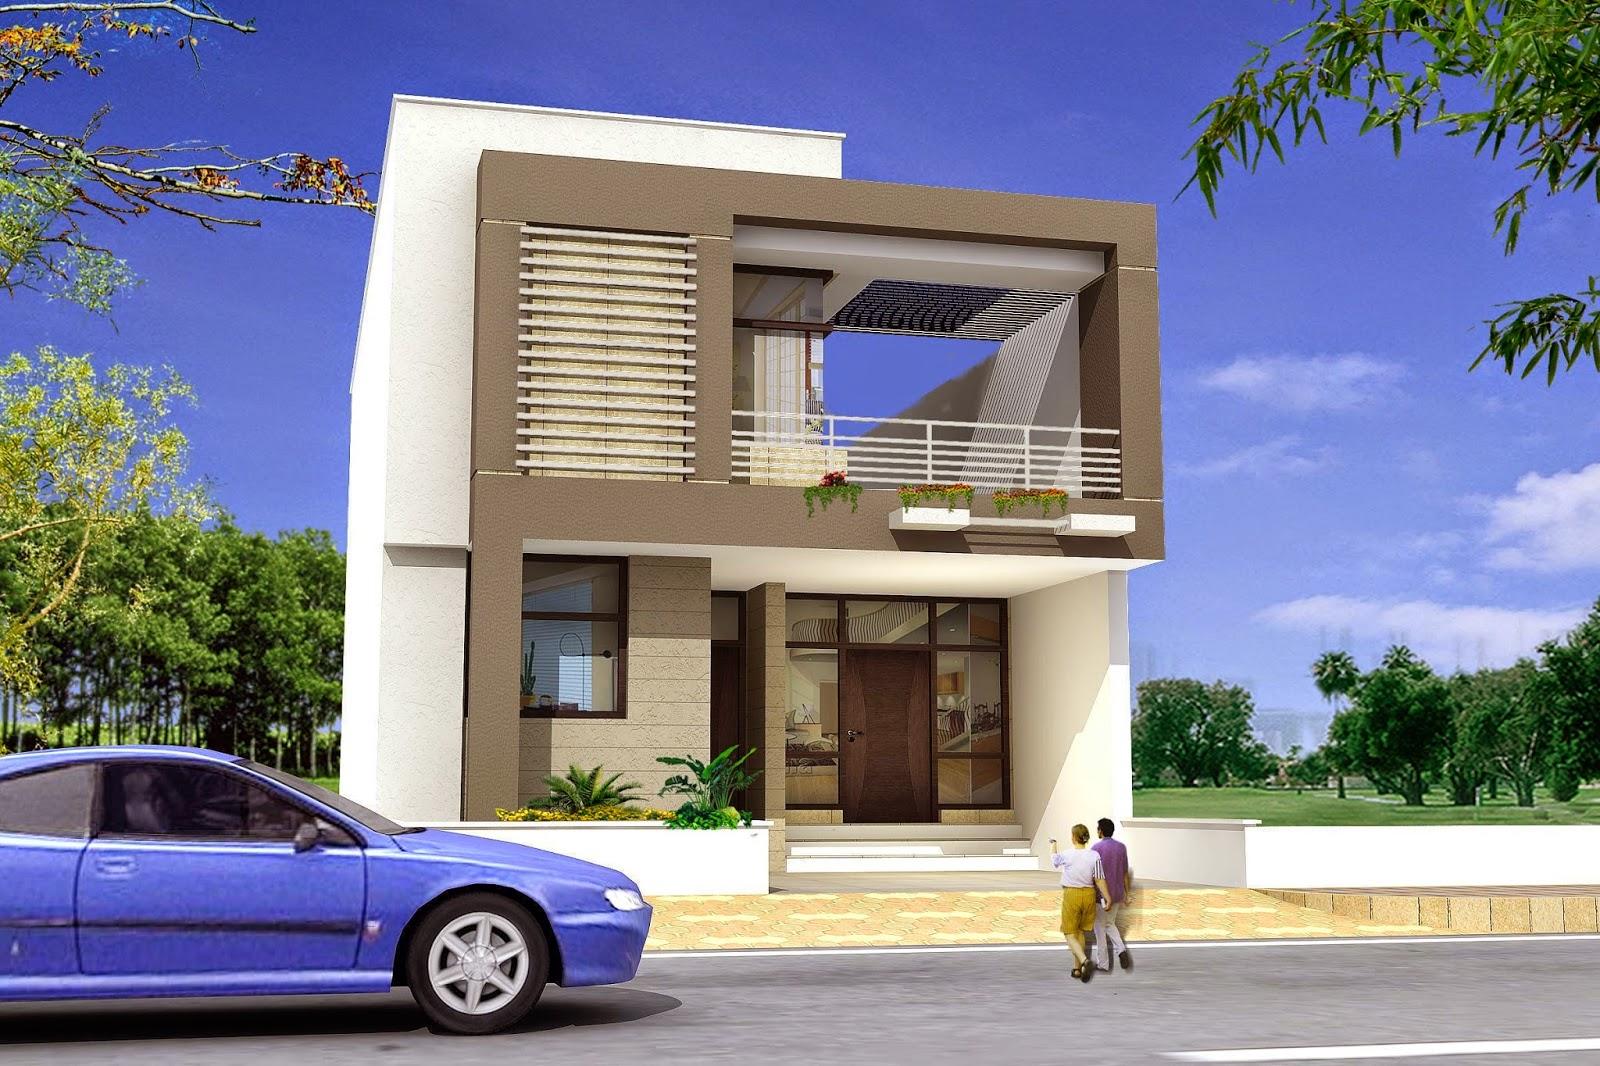 Stunning Home Design Consultant Photos - Interior Design Ideas ...